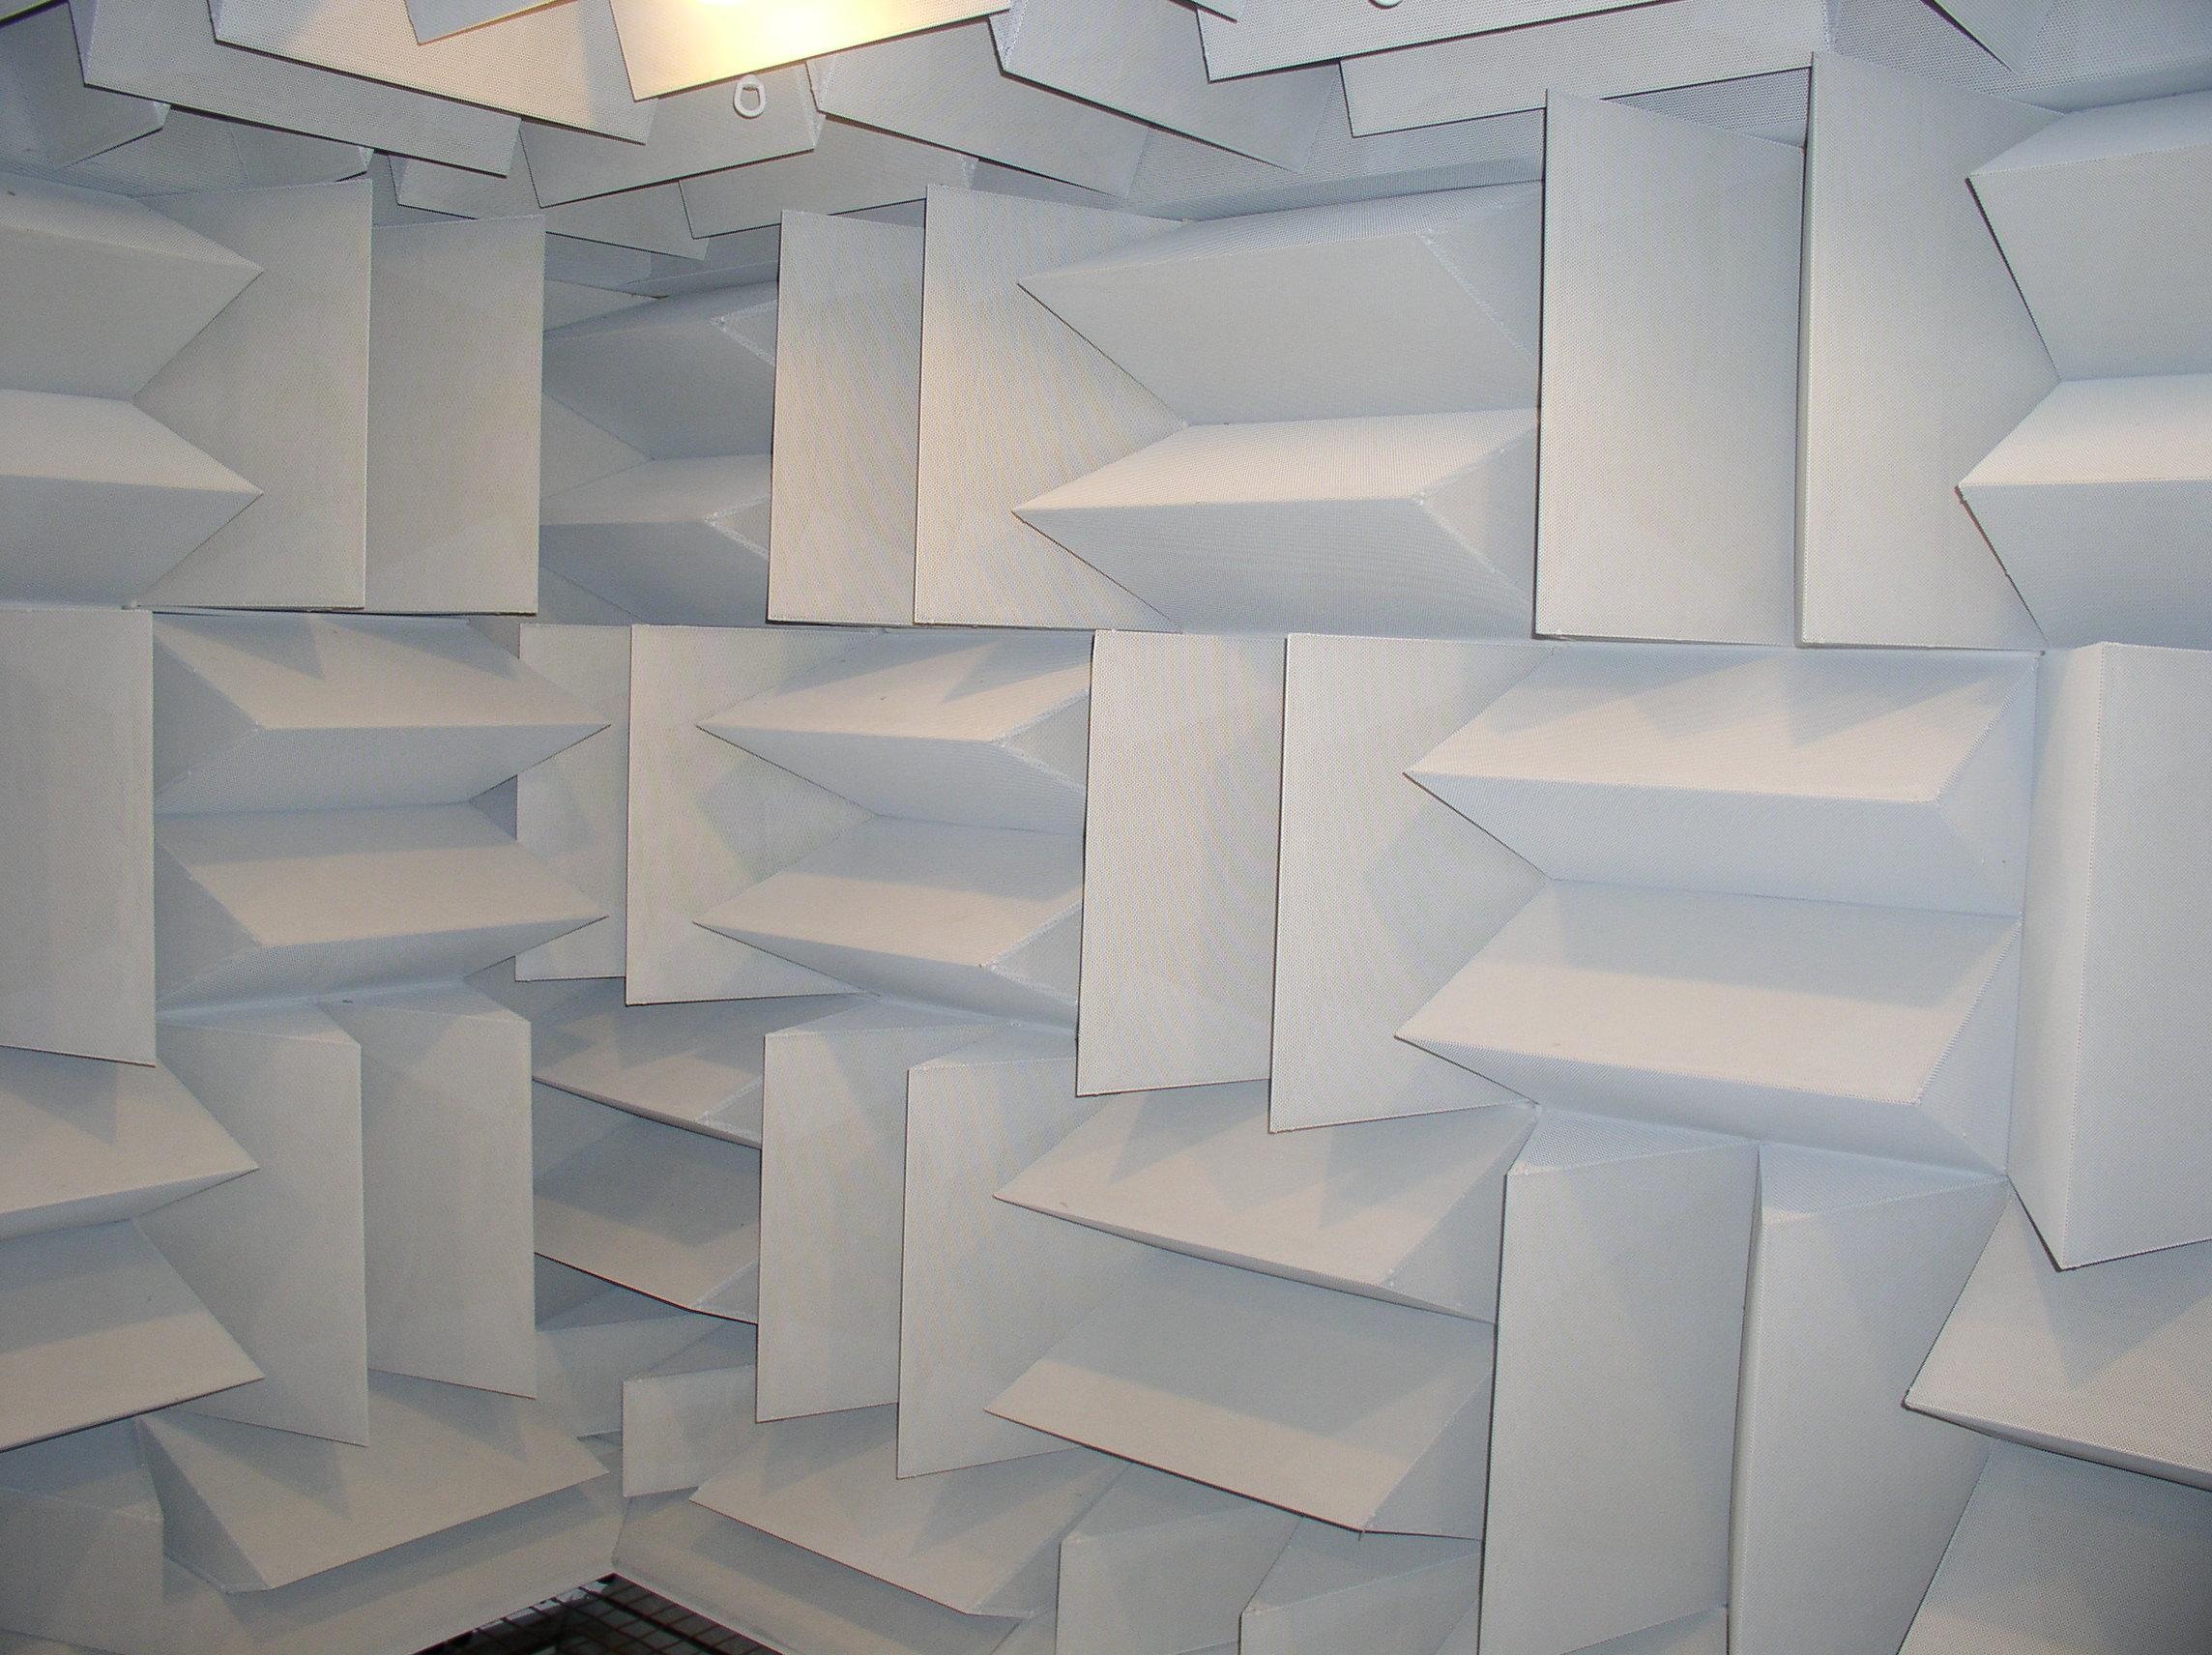 52973_Acoustic_room_122_89lo.jpg